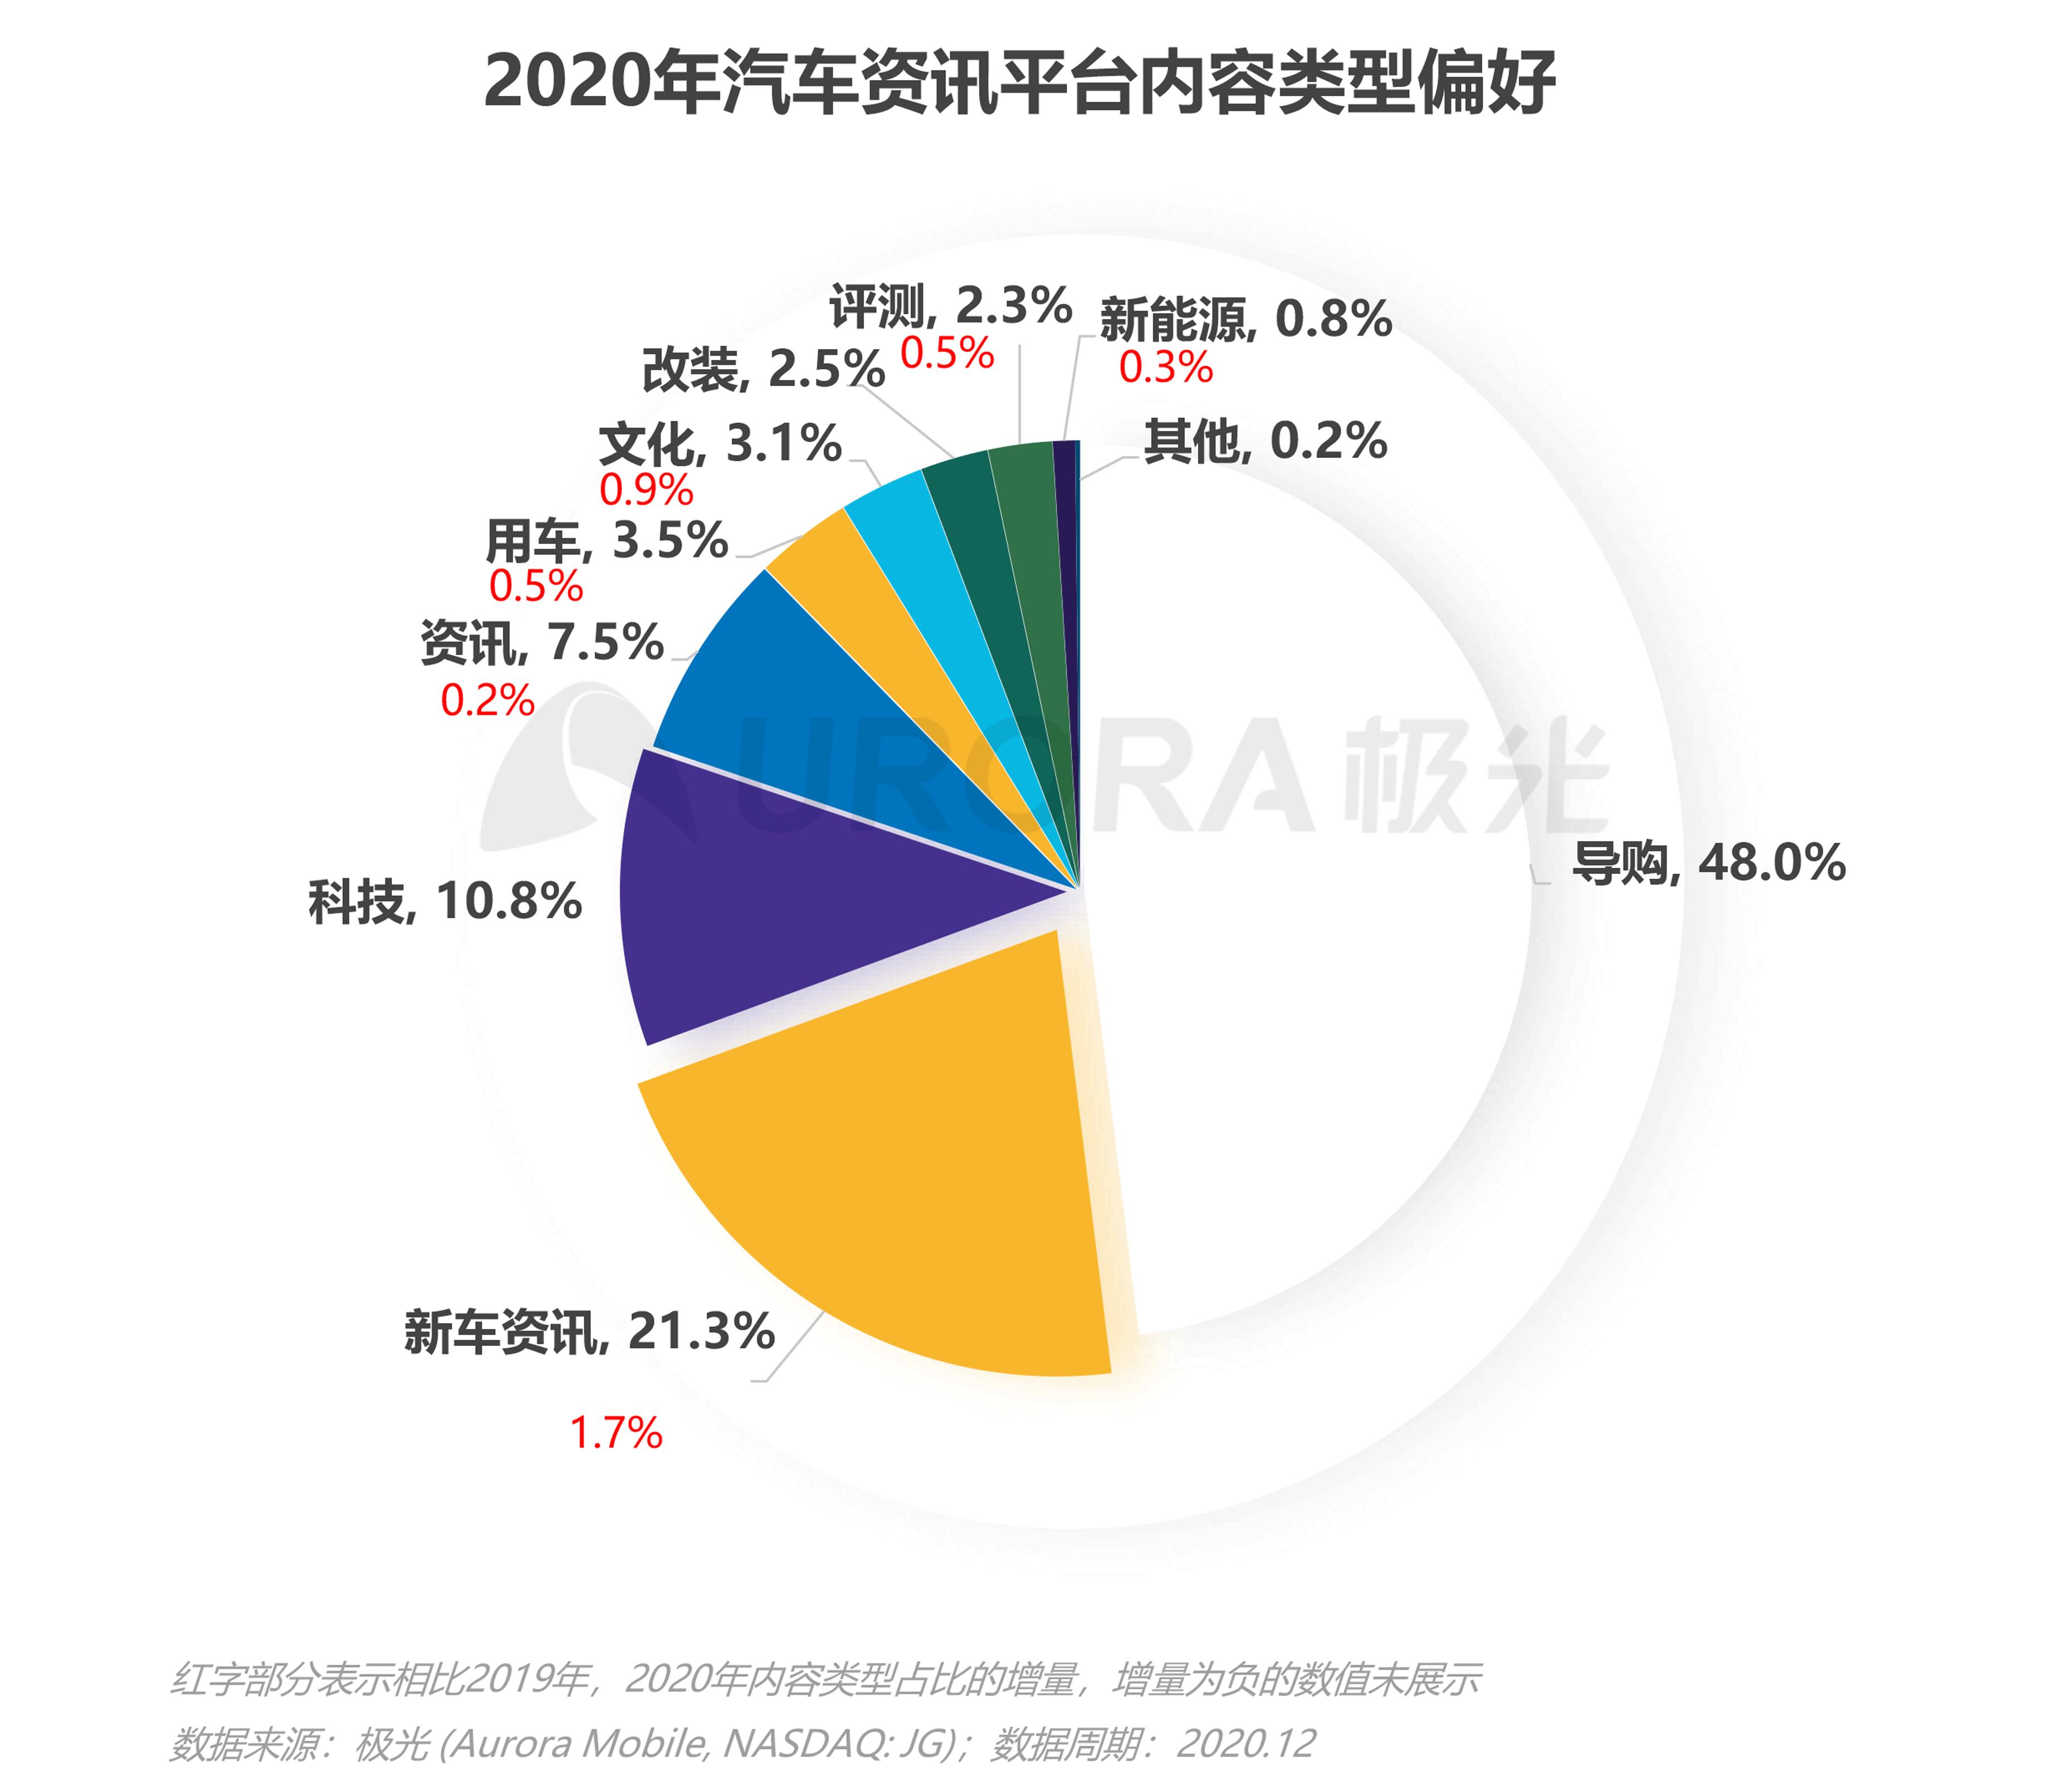 极光:汽车资讯行业洞察 (16).png